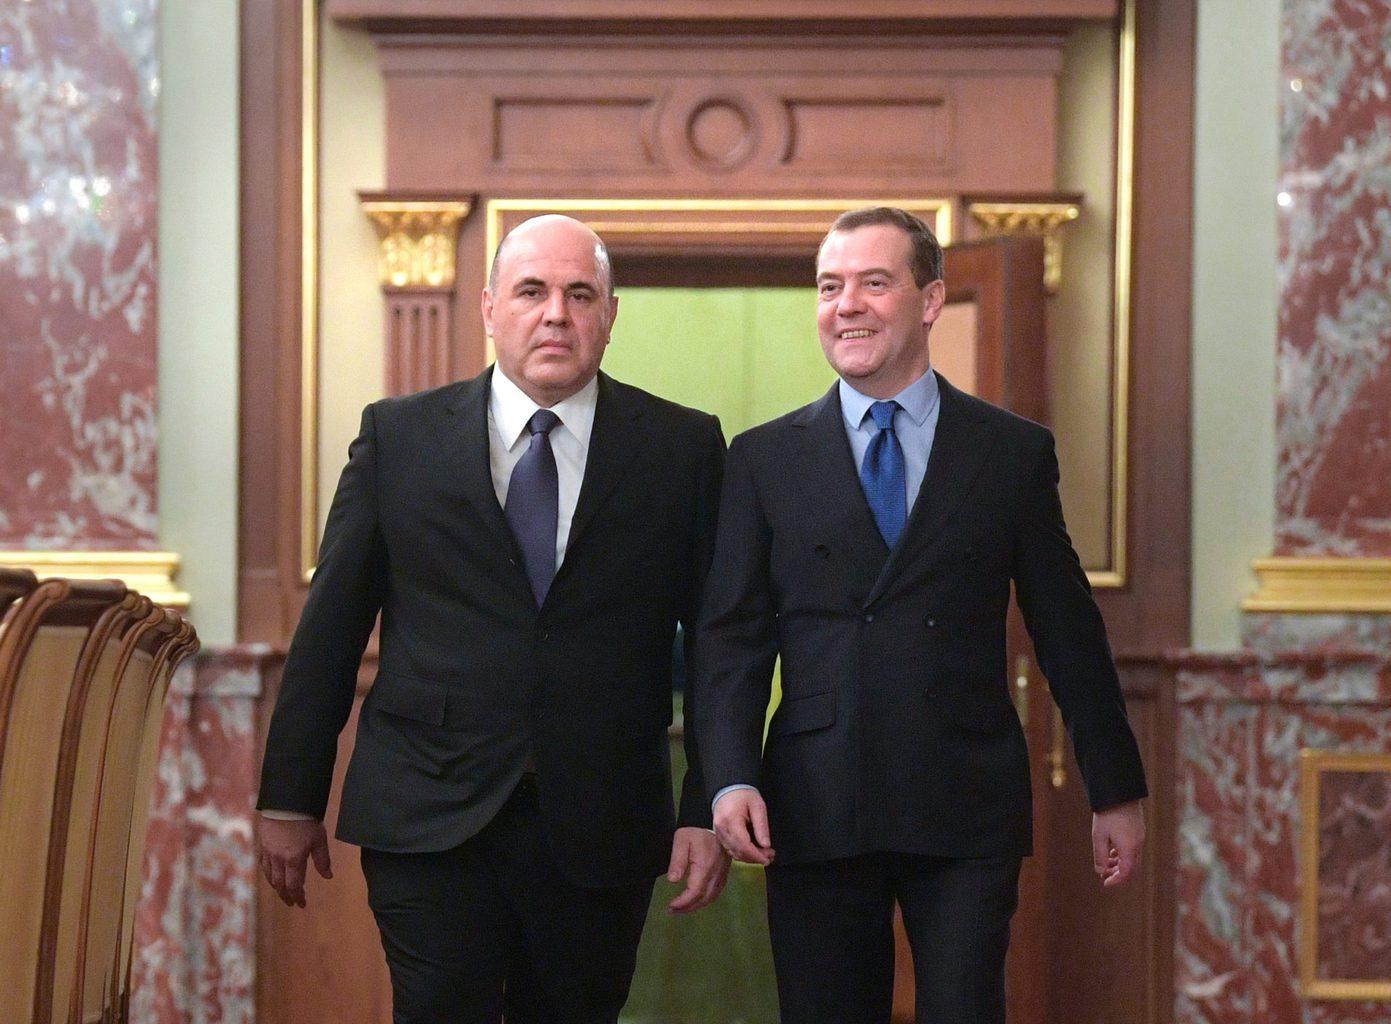 Mihail Misusztyin kinevezett és Dmitrij Medvegyev leköszönő kormányfő a Kreml folyosóján 2020. január-17én #moszkvater